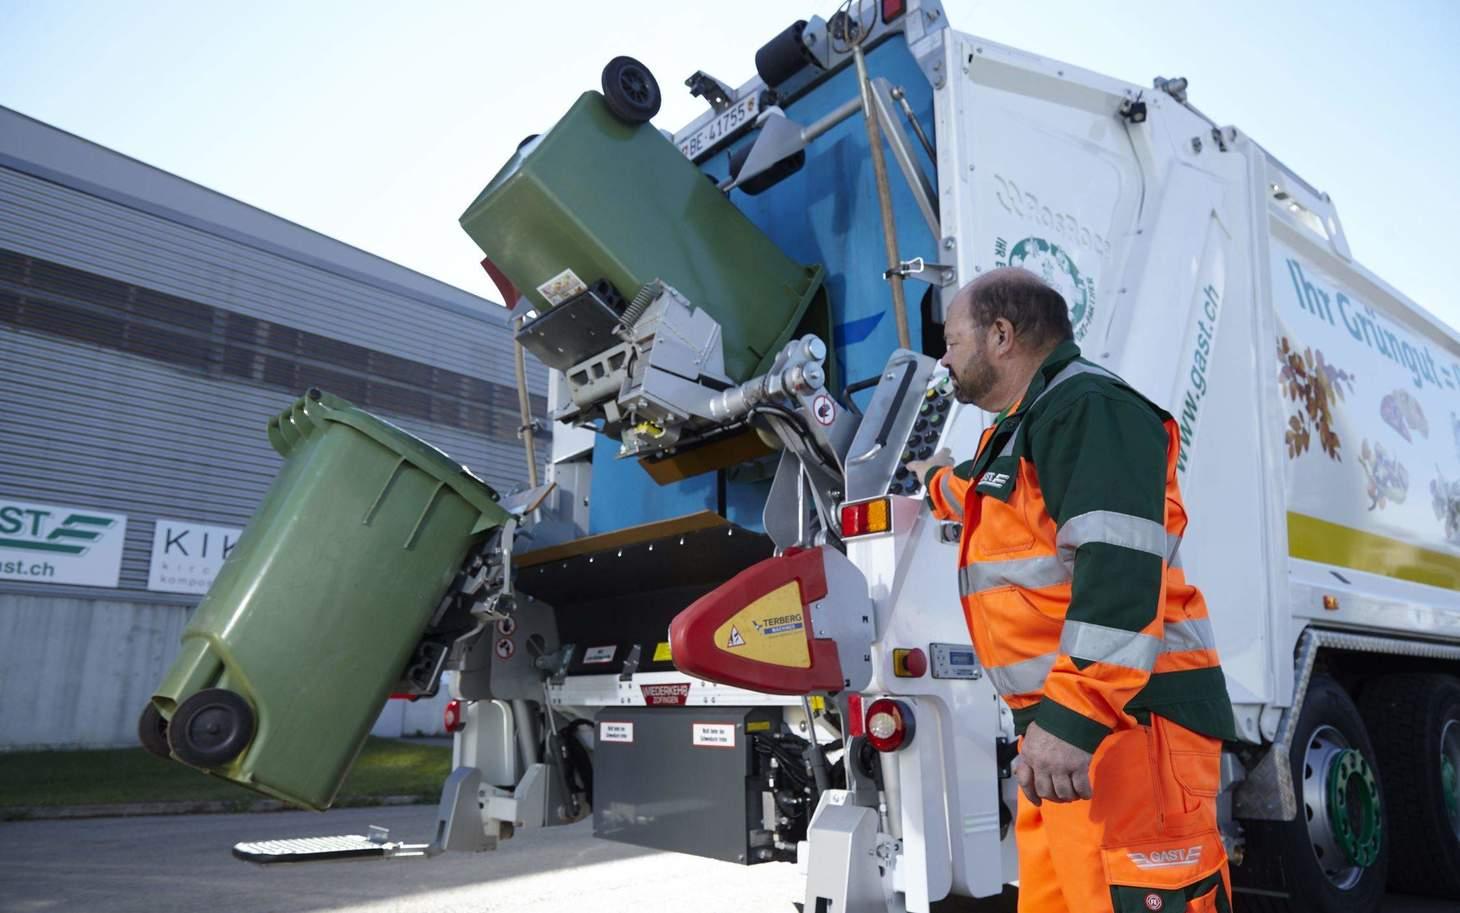 Mitarbeiter leert Grüncontainer in Ghüderwagen